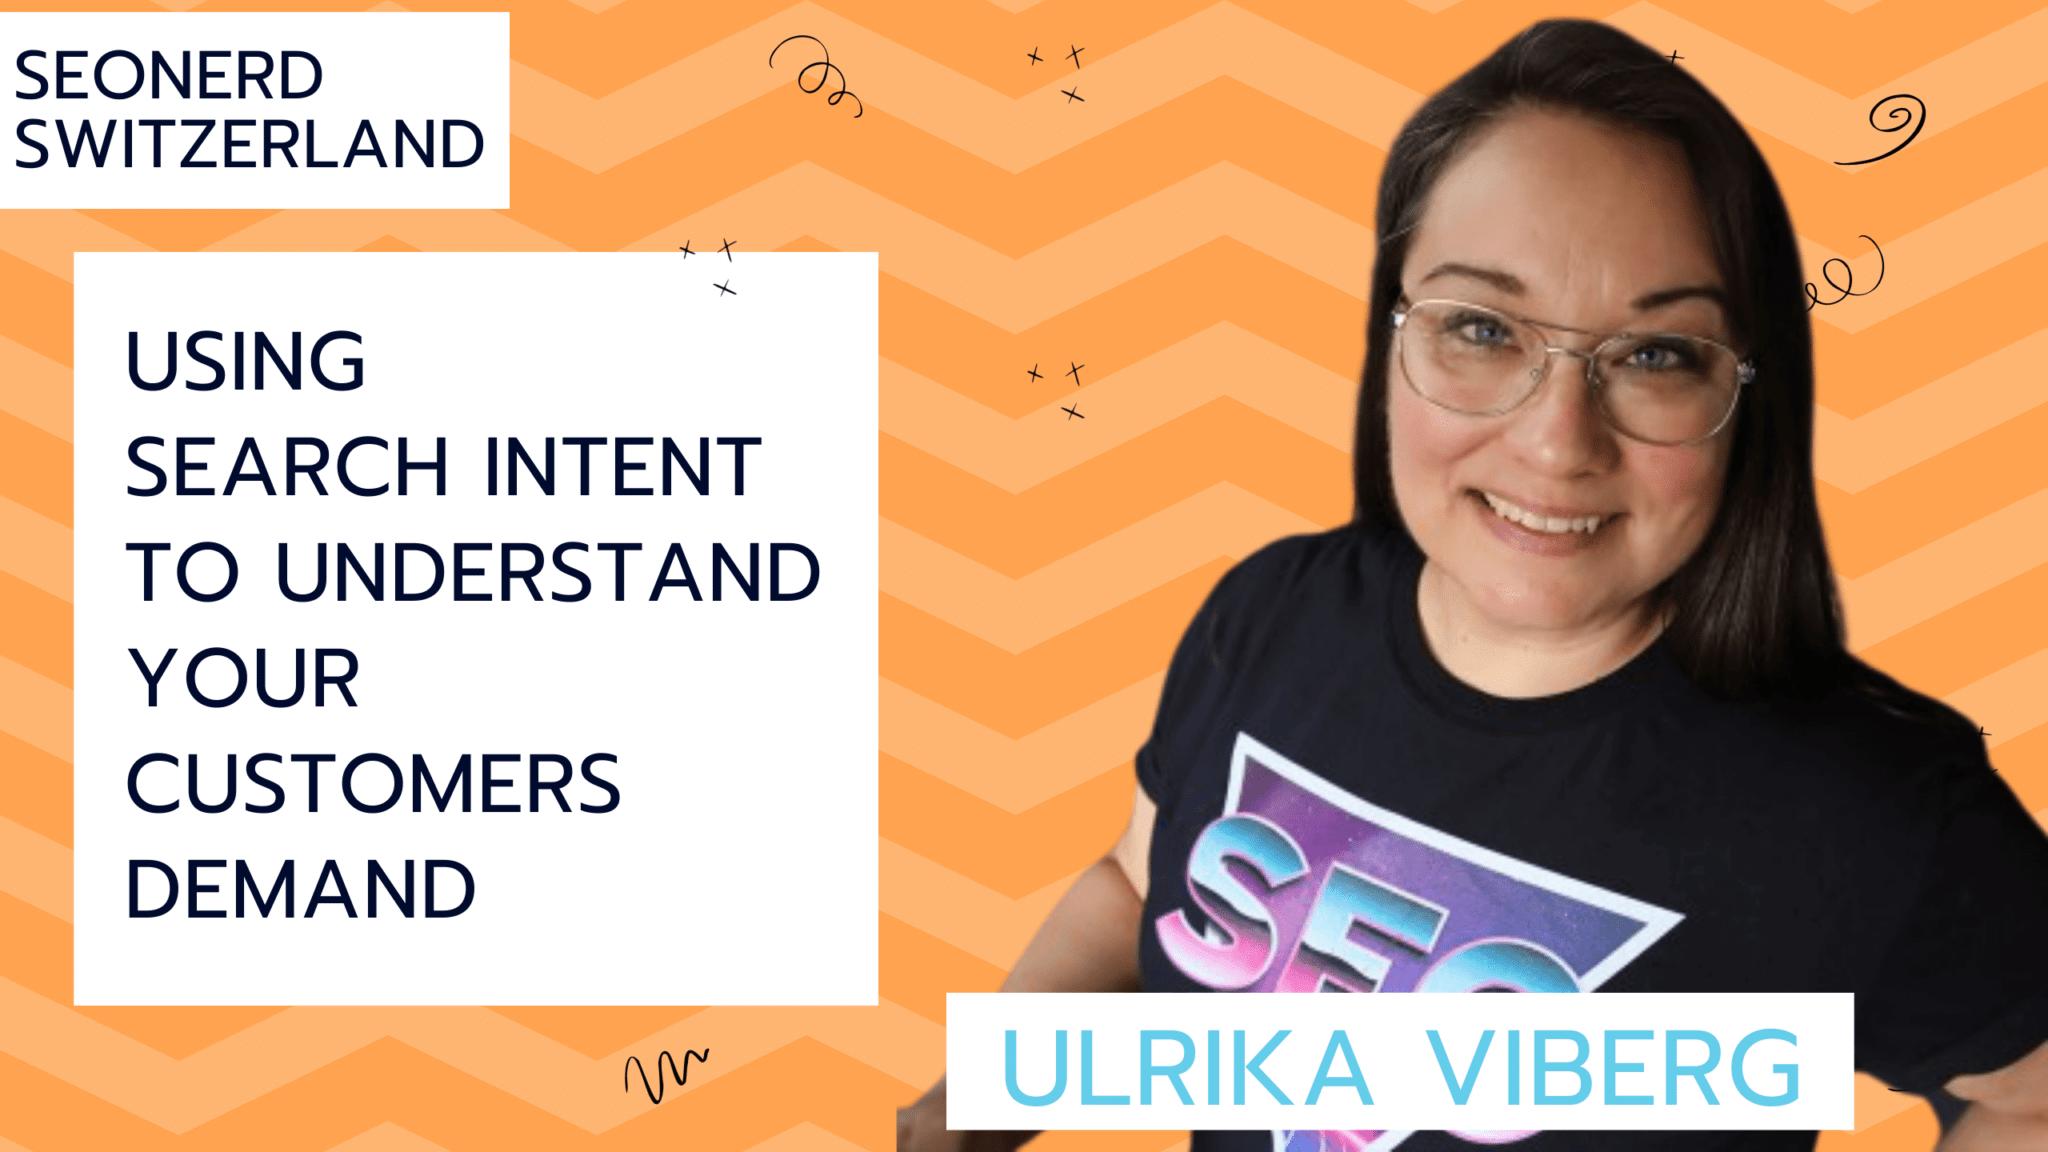 Ulrike Viberg at SEOnerdSwitzerland about the customer search journey